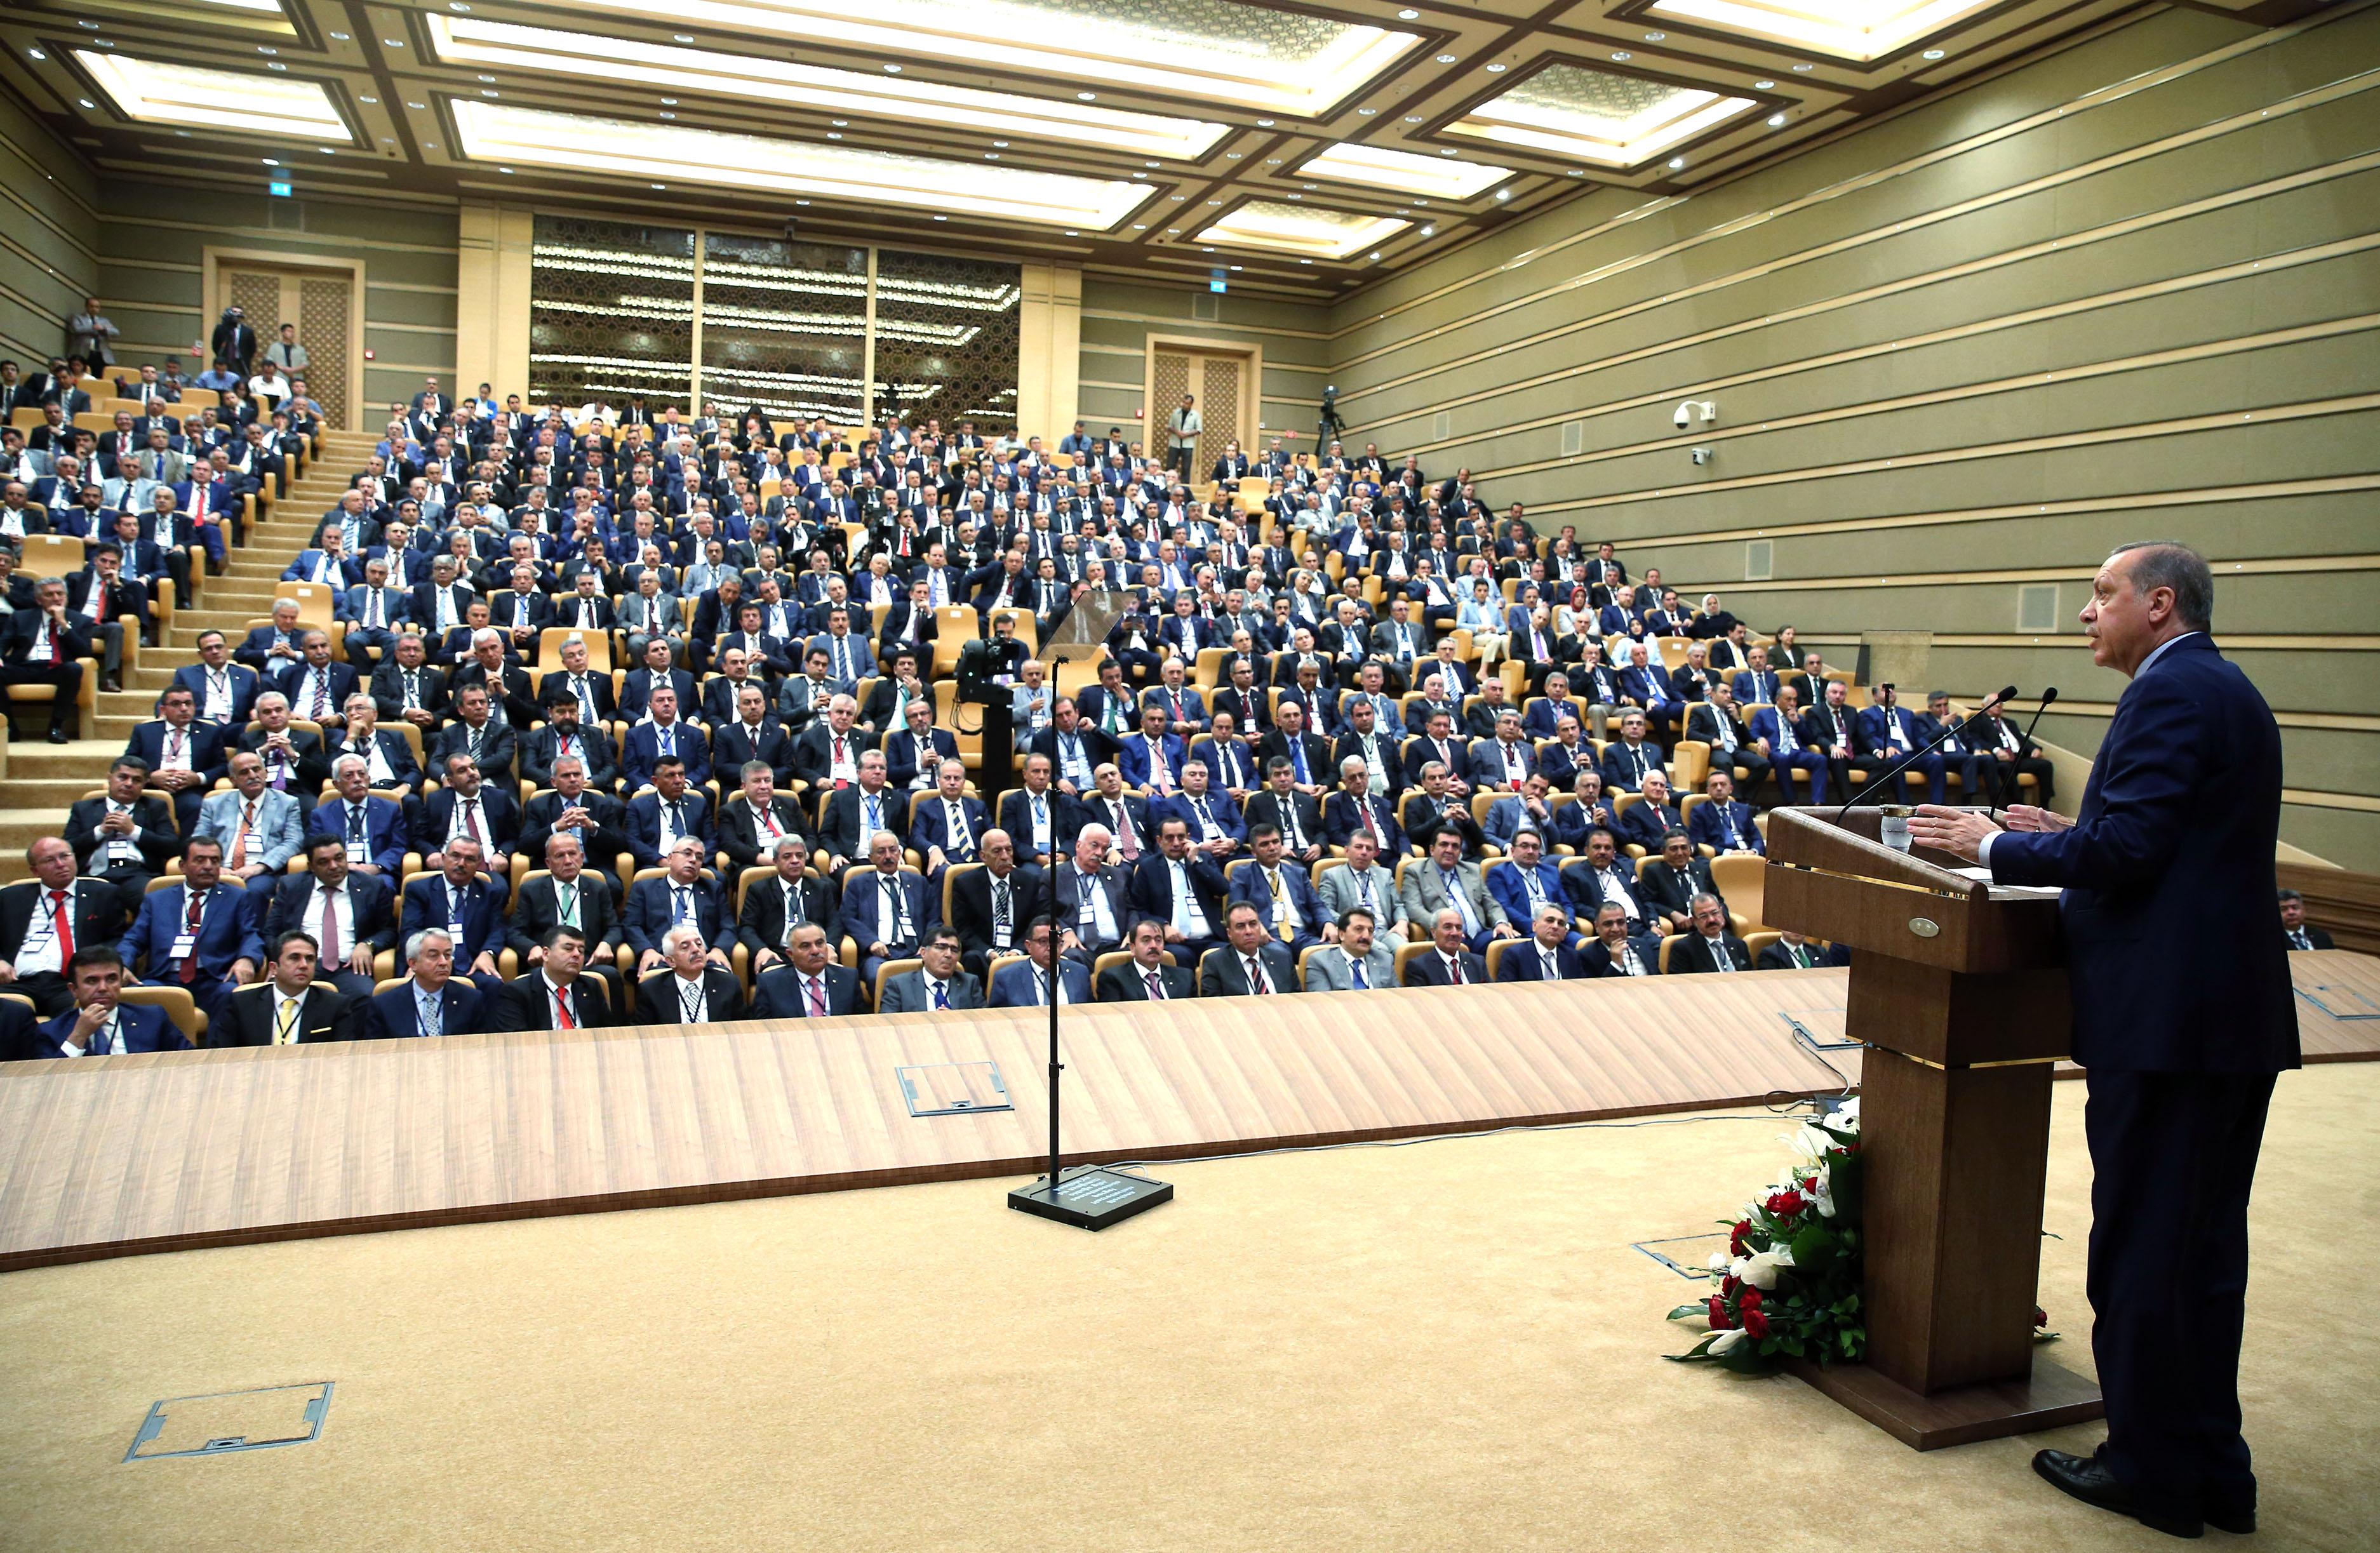 Cumhurbaşkanı Recep Tayyip Erdoğan, Cumhurbaşkanlığı Külliyesi'nde oda ve borsa başkanları ile istişare toplantısında bir araya gelerek konuşma yaptı. ( Cumhurbaşkanlığı / Murat Çetinmühürdar - Anadolu Ajansı )